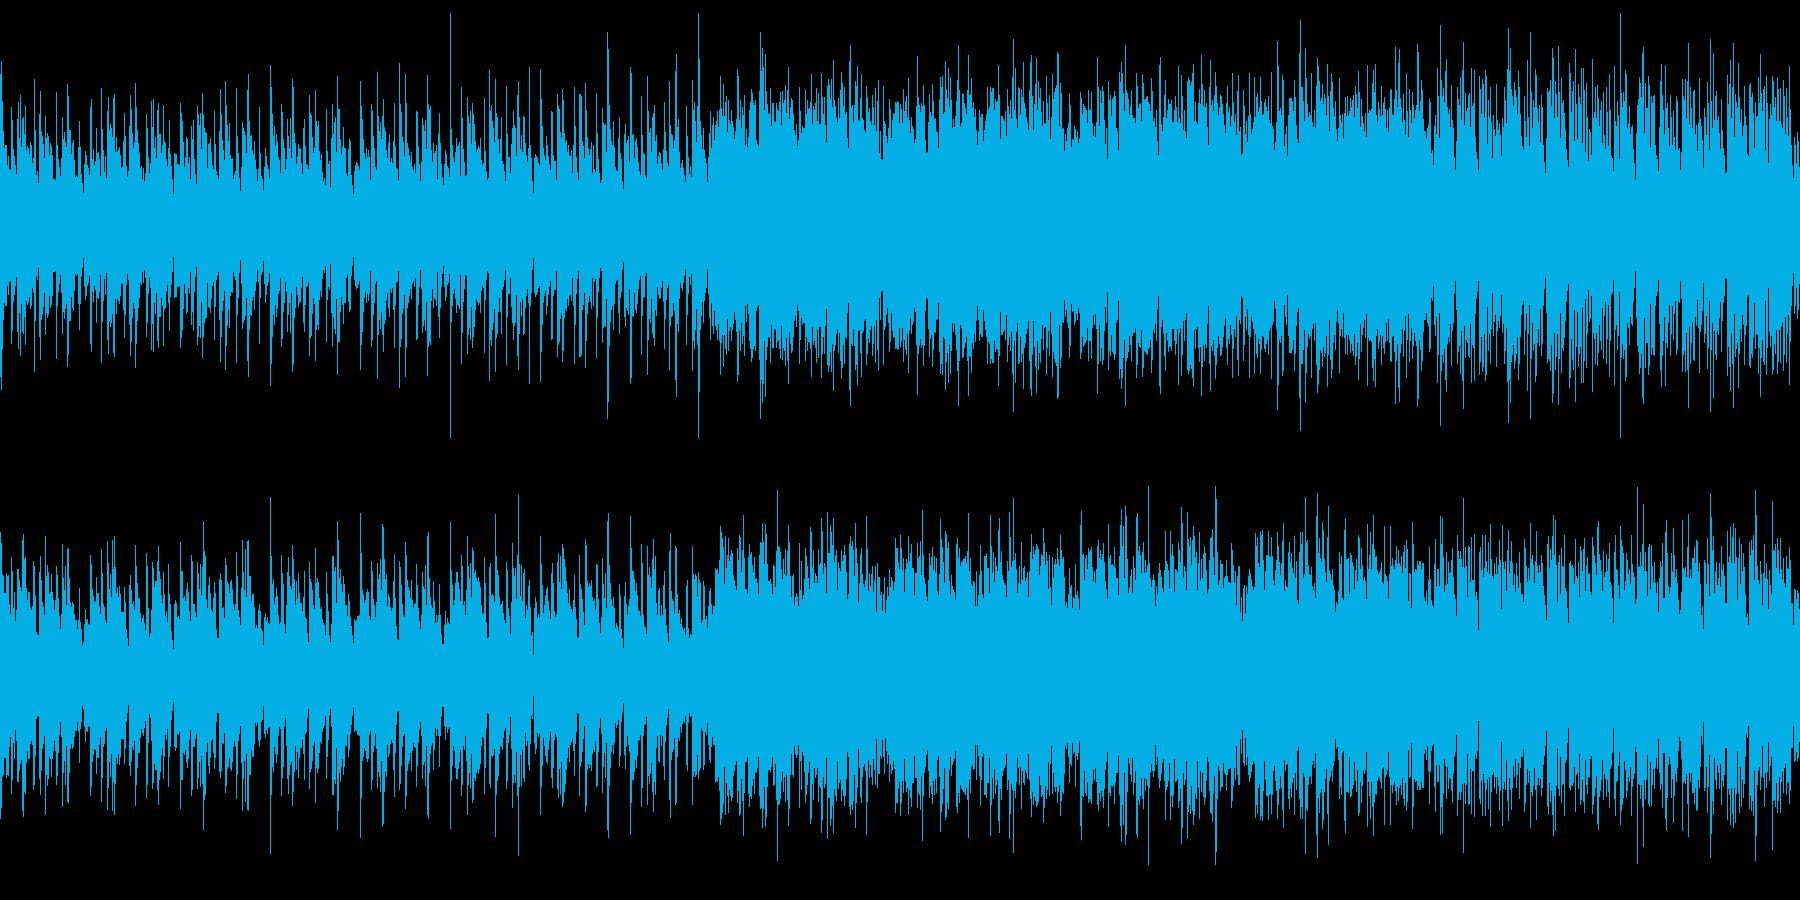 切なく優しい尺八の和風曲の再生済みの波形